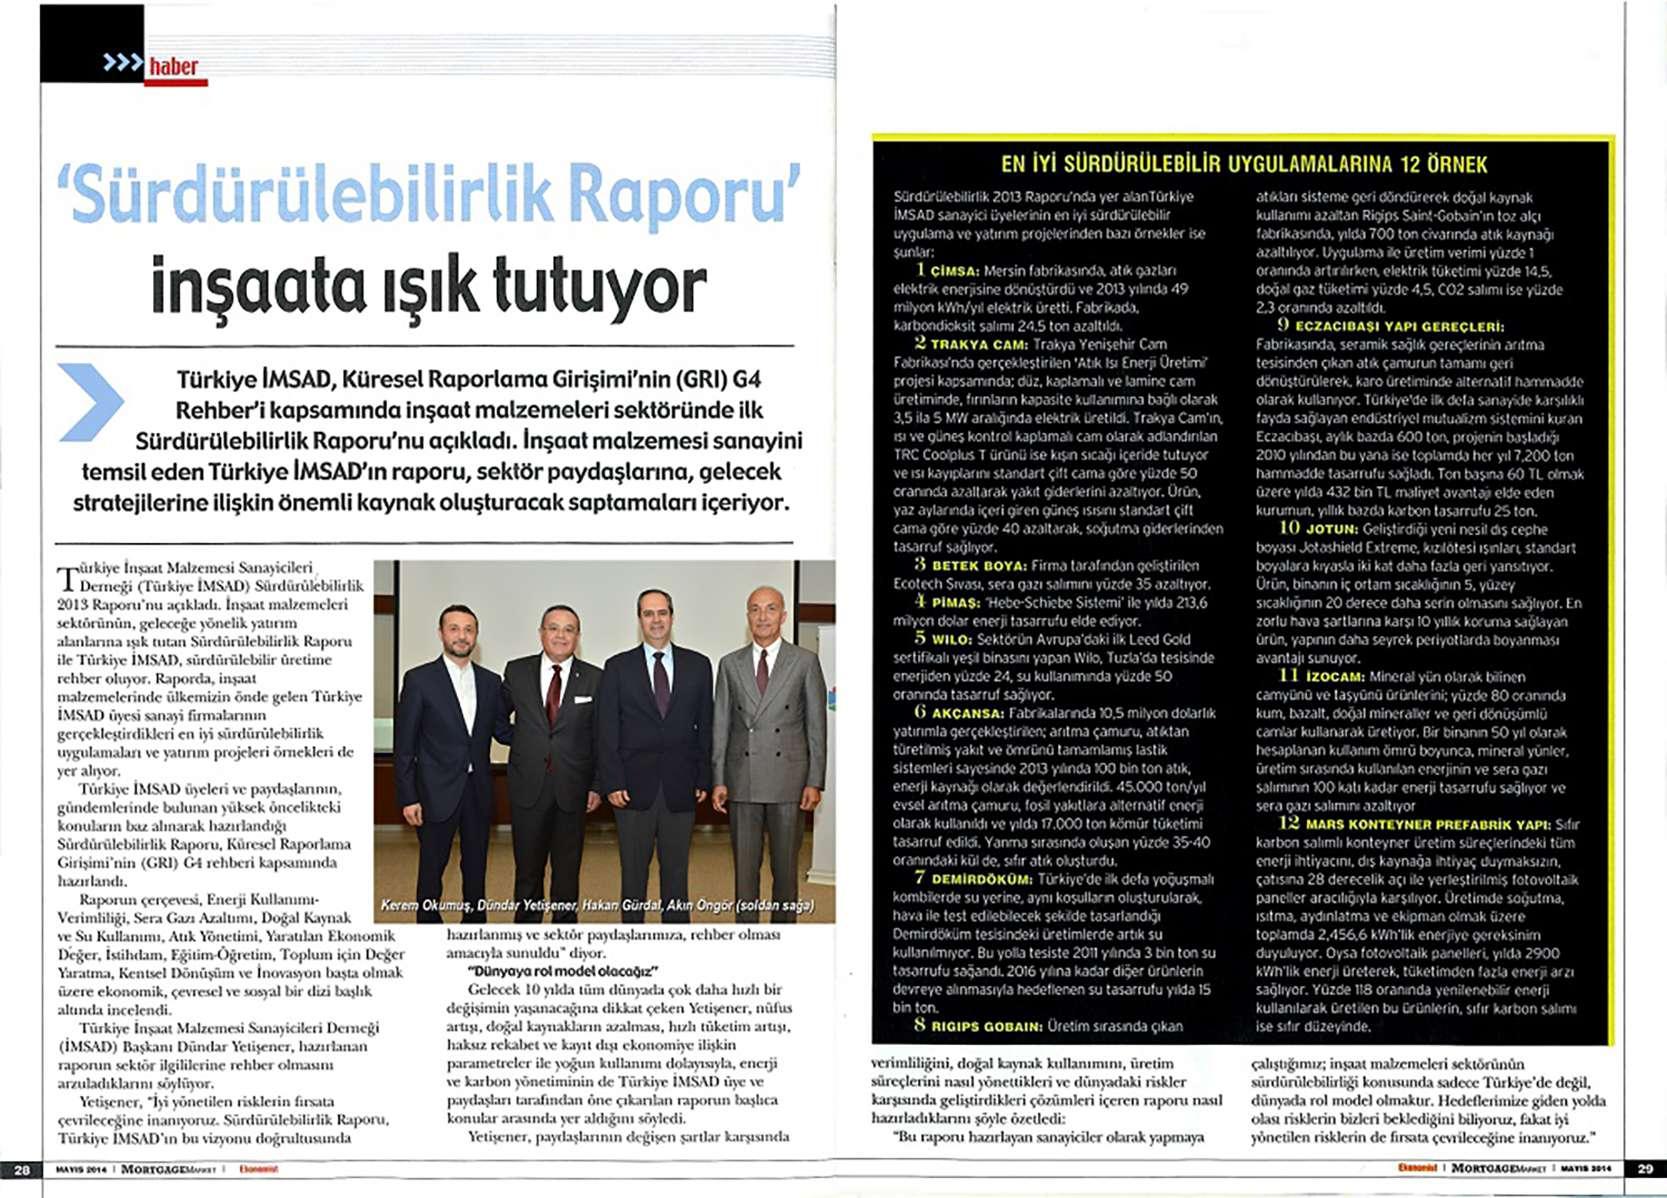 """Fibrobeton ürkiye İMSAD Tarafından Yayınlanan """"Sürdürülebilirlik Raporu 2013"""", Ile Ilgili Ekonomist Dergisinin Bu Haftaki Sayısında Yayınlanan Haberi"""